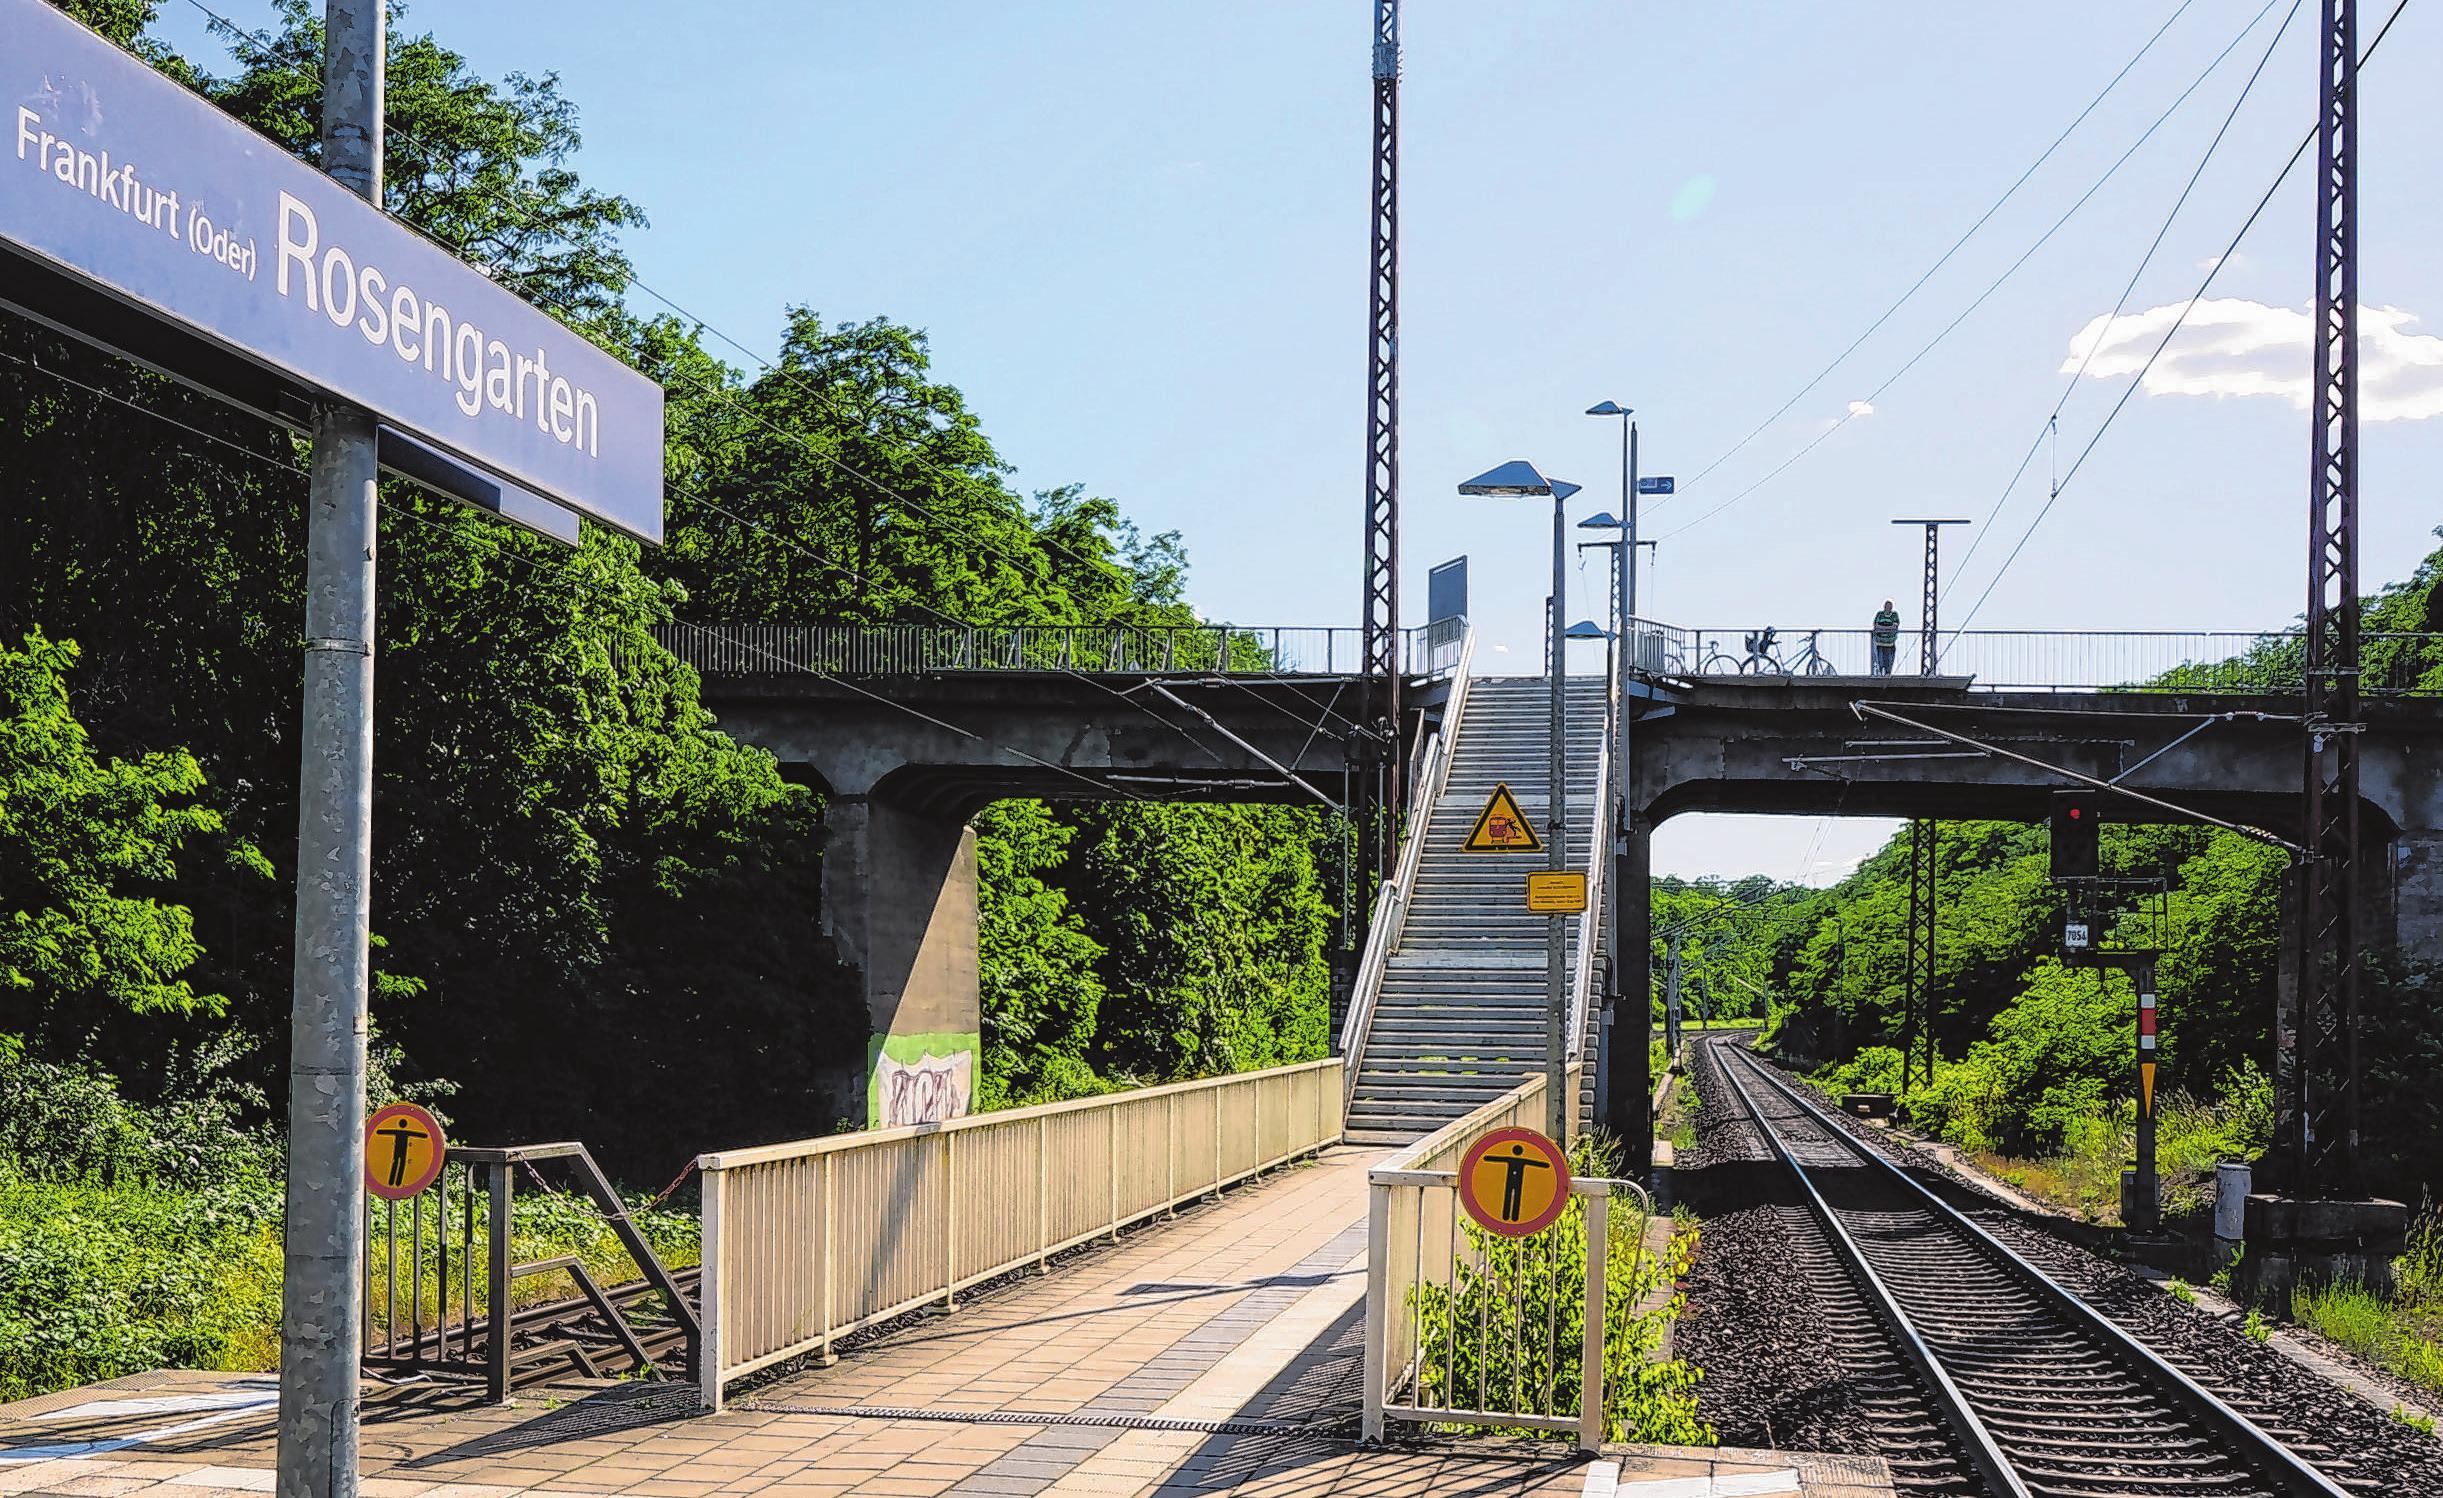 Ende kommenden Jahres beginnen die Bauarbeiten an der Brücke und am Bahnhof. Der Bahnsteig wird durch einen Aufzug barrierefrei erreichbar.